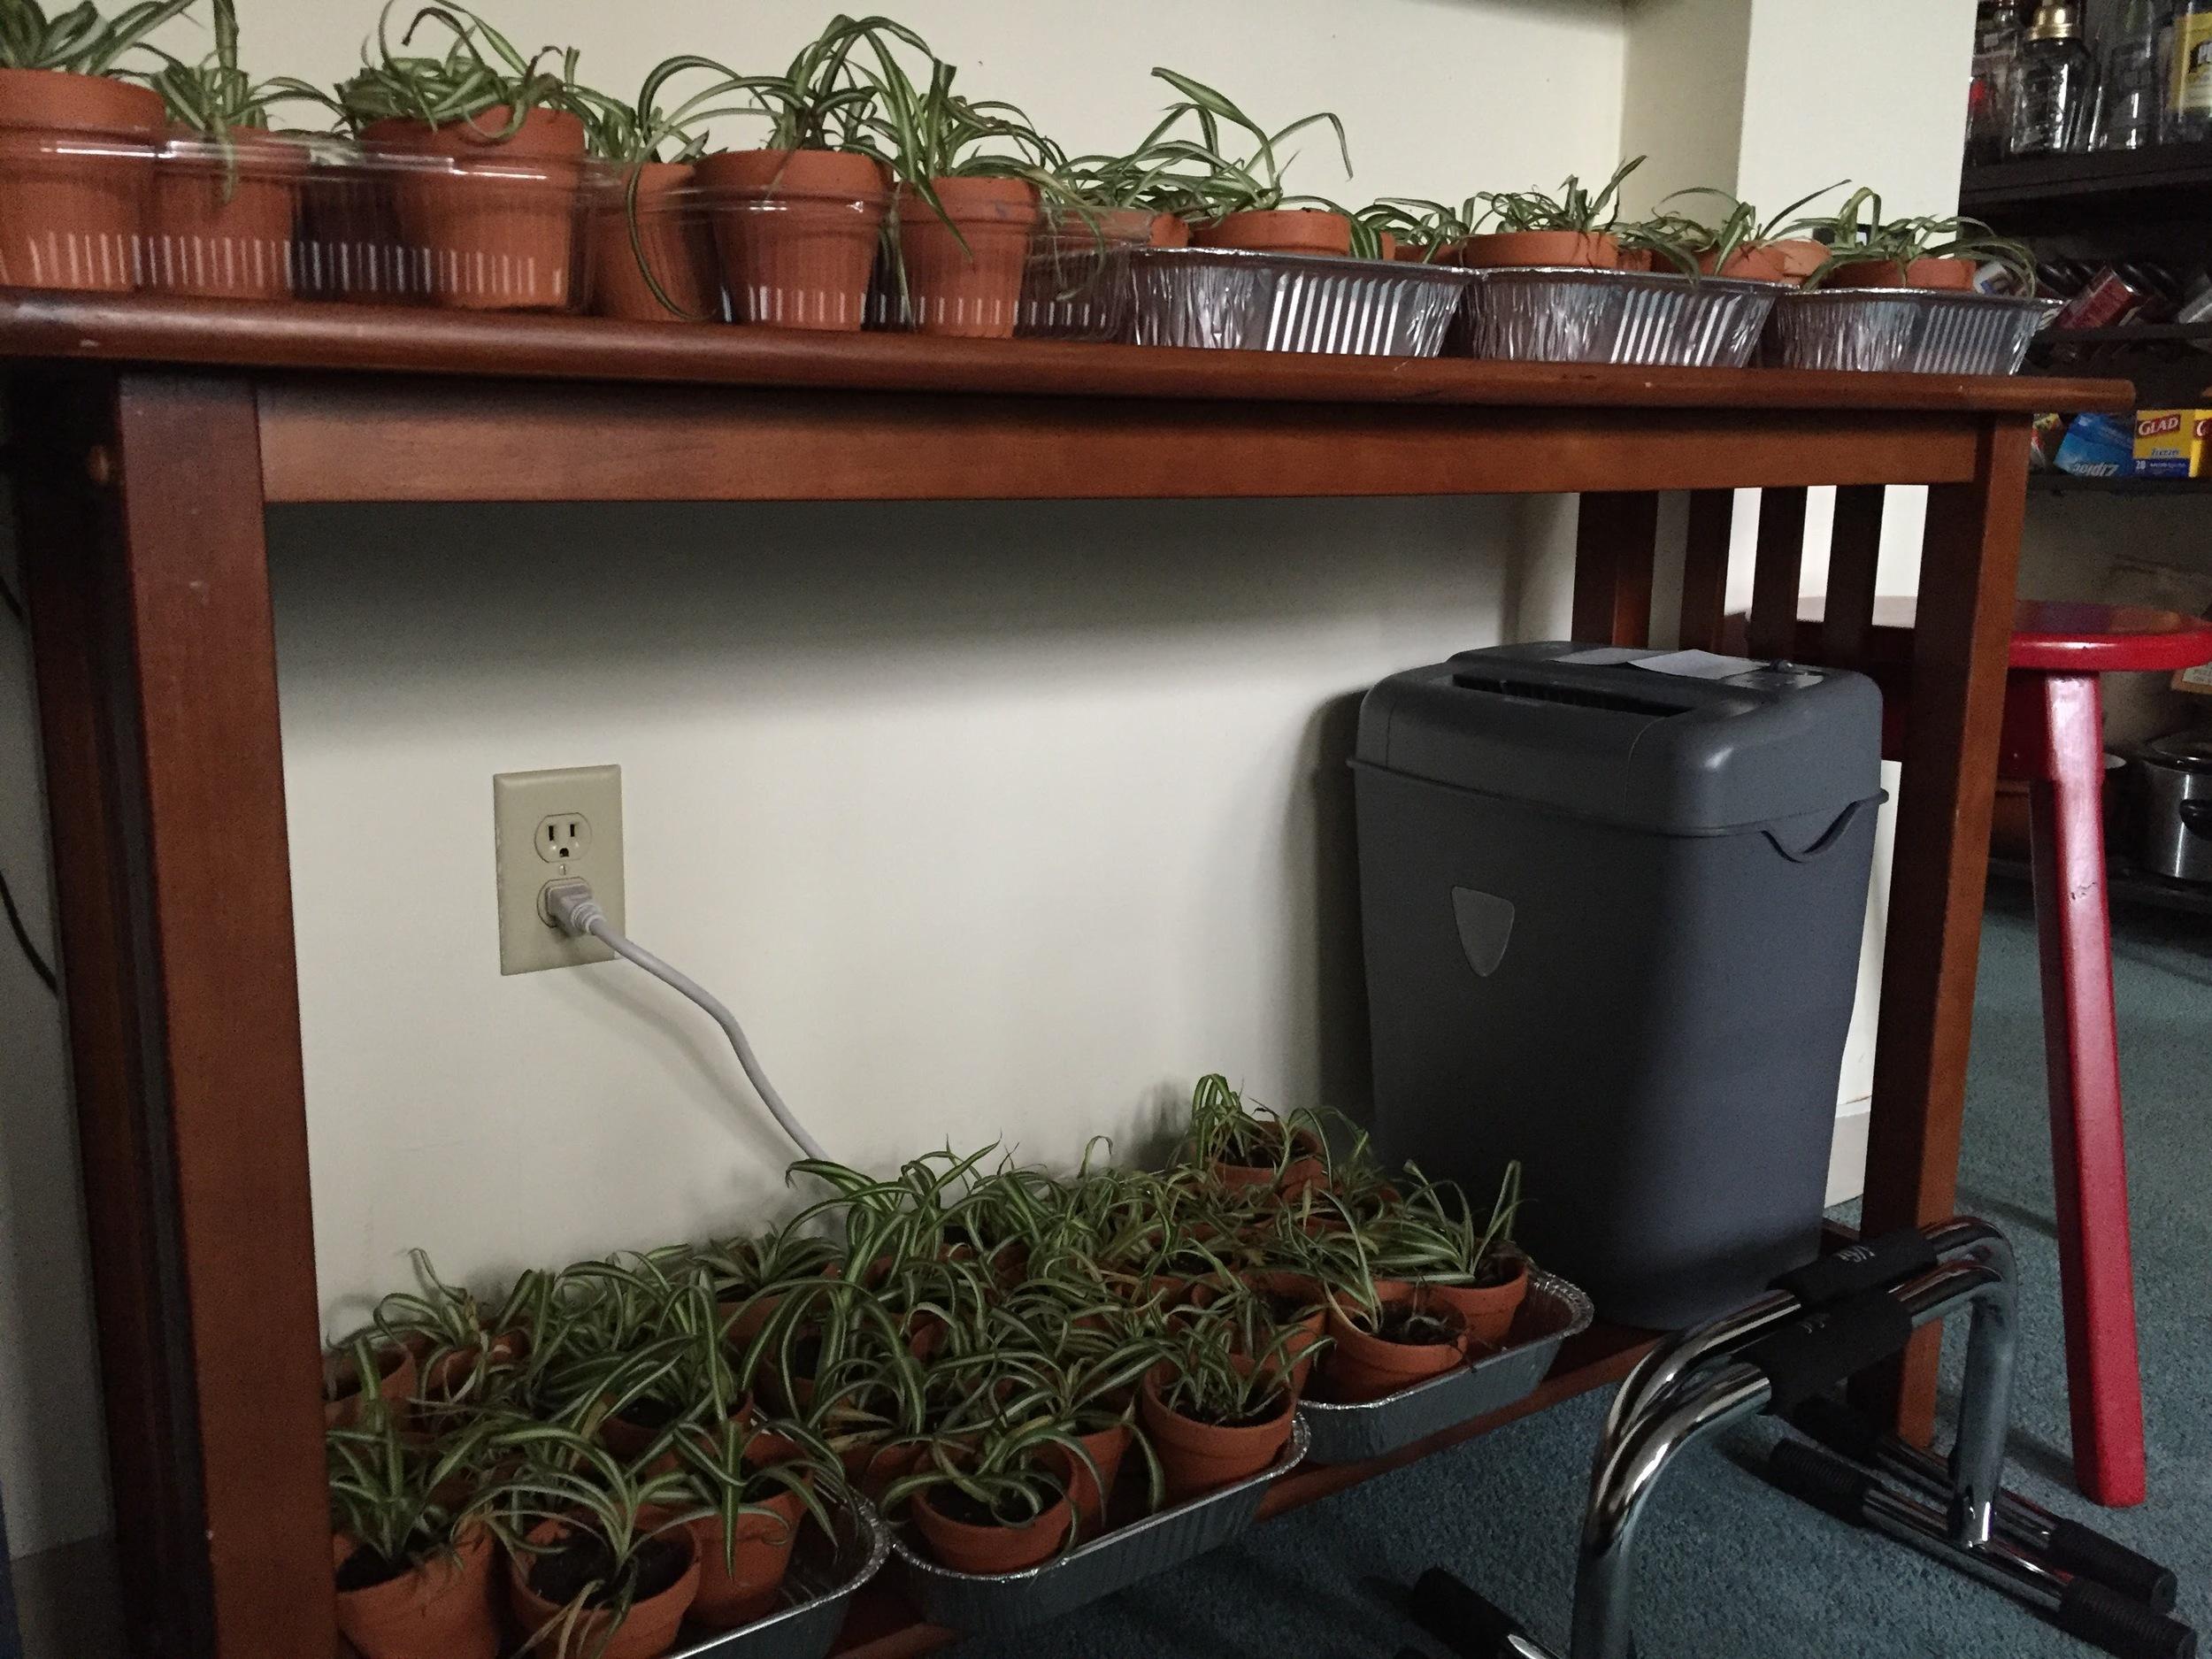 spiderplants